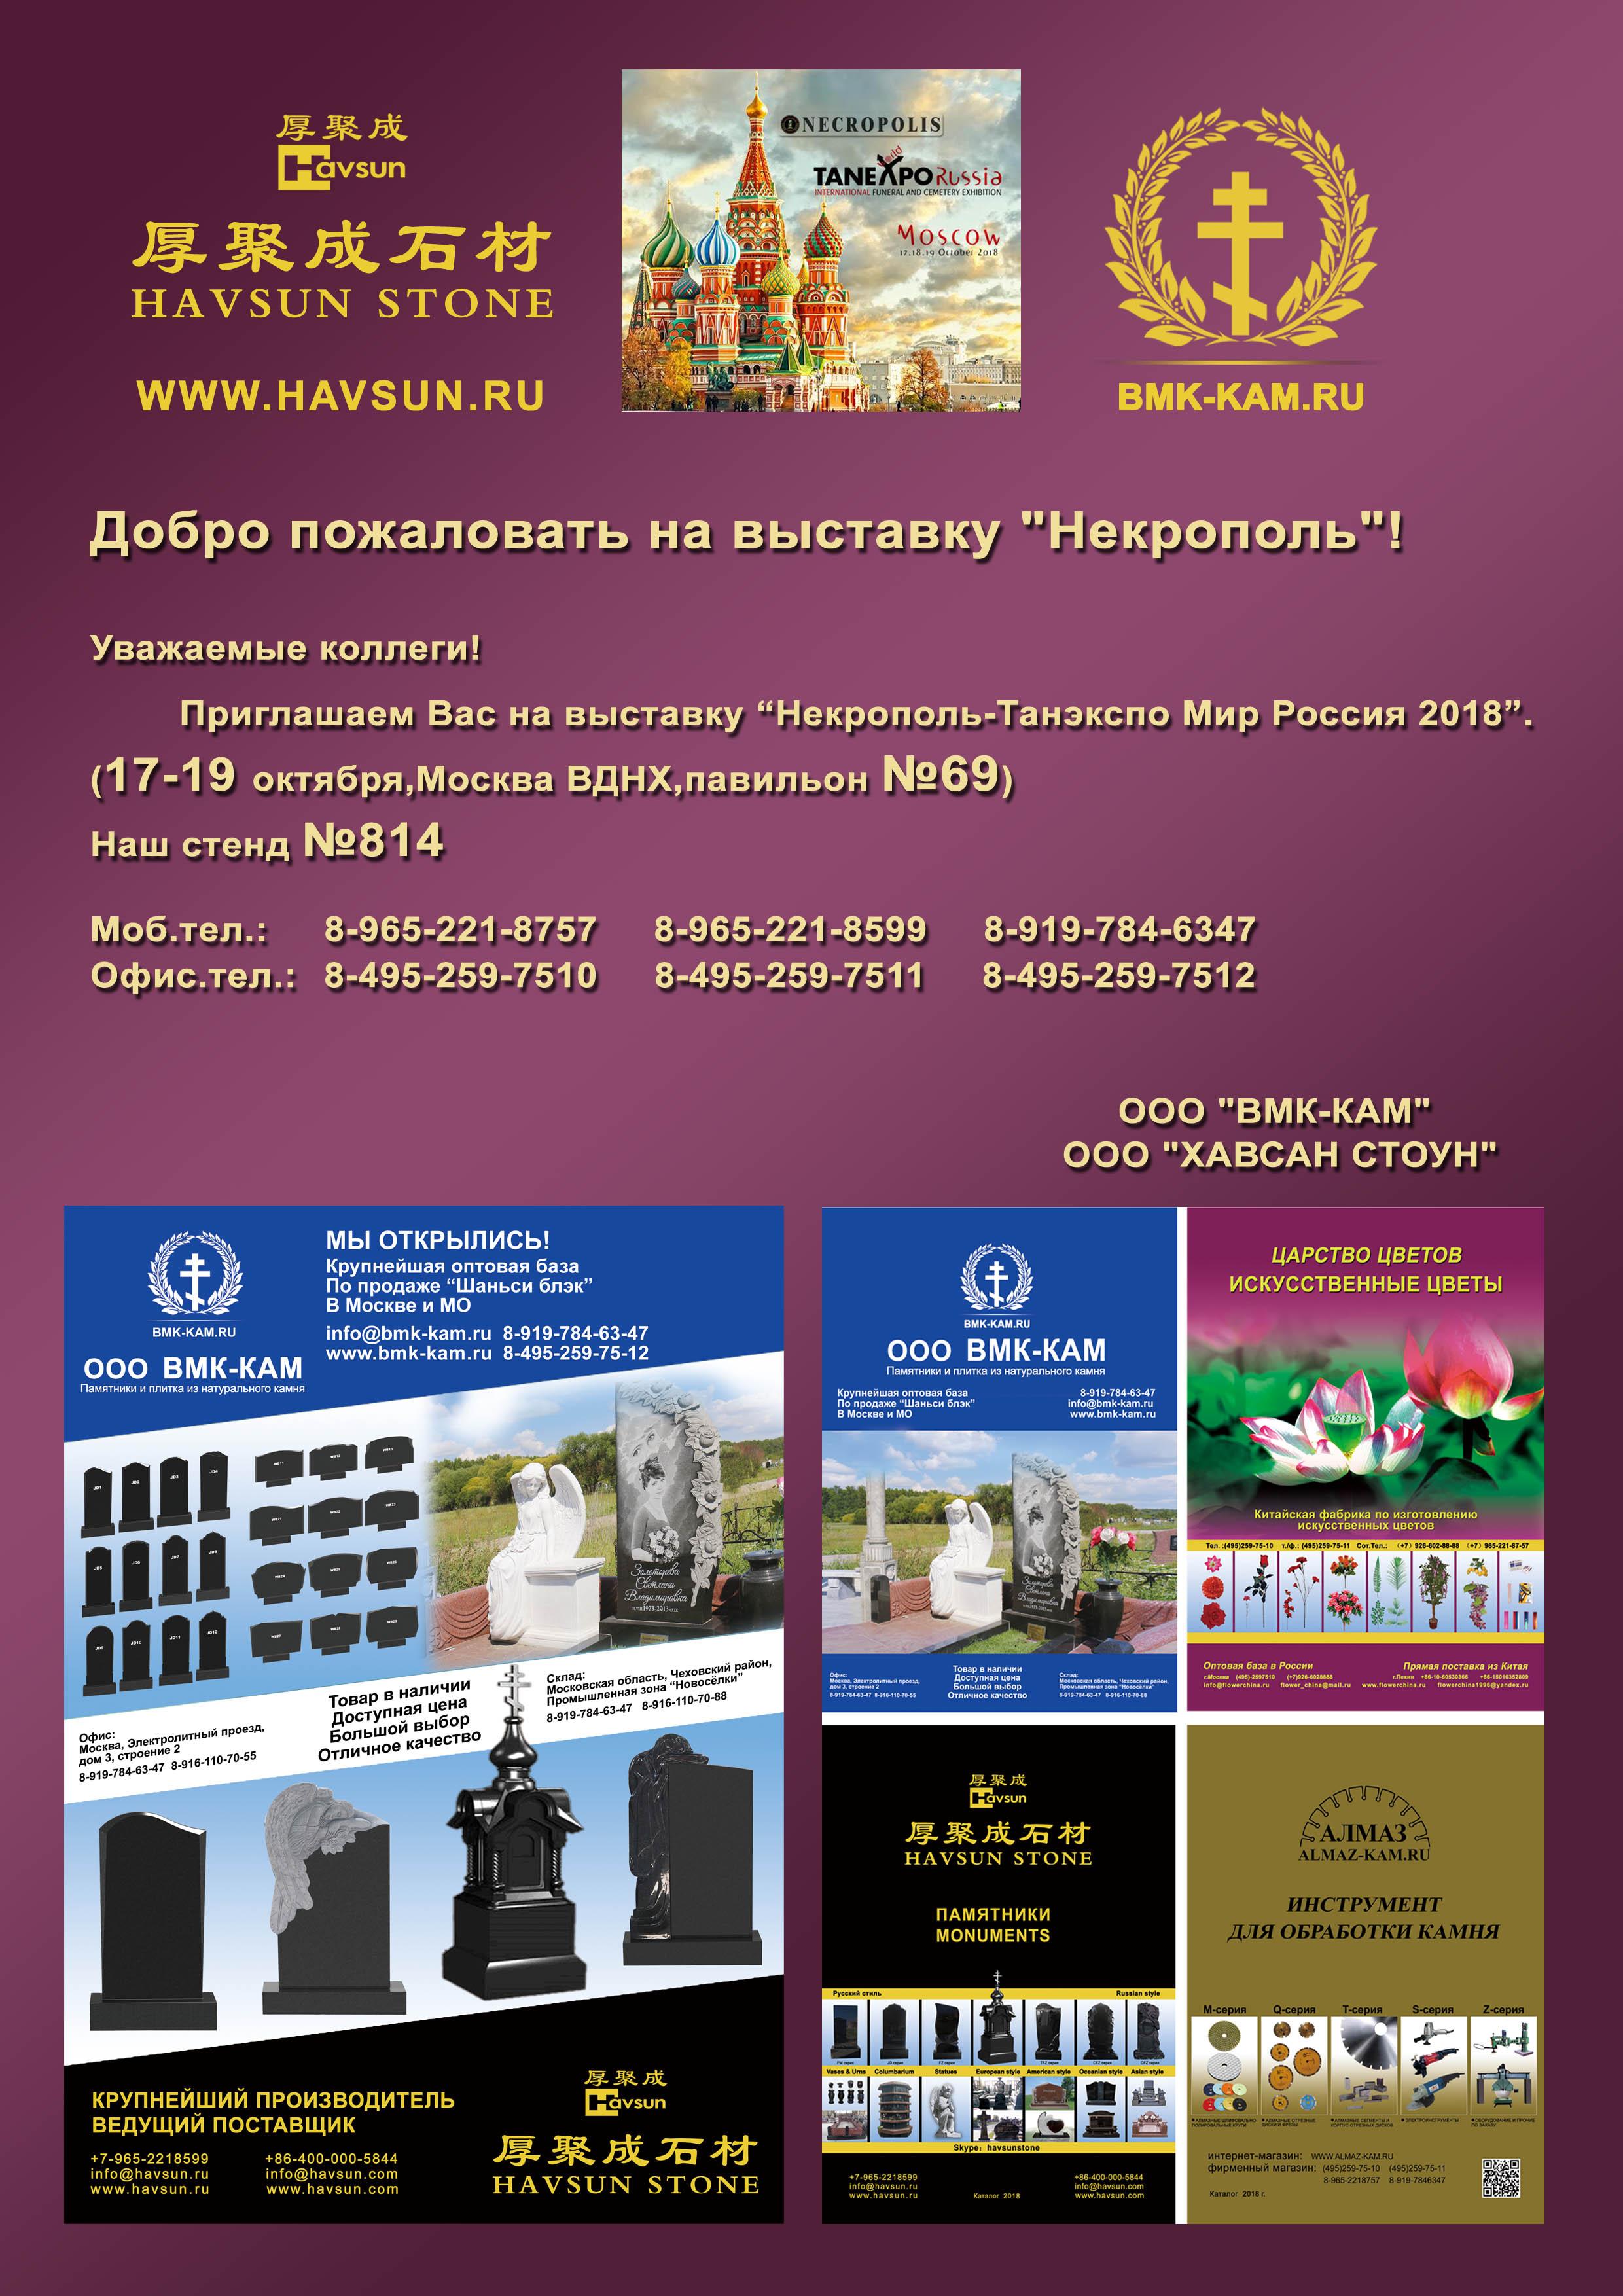 Приглашение от компании Хавсанстон на выставку Некрополь 2018